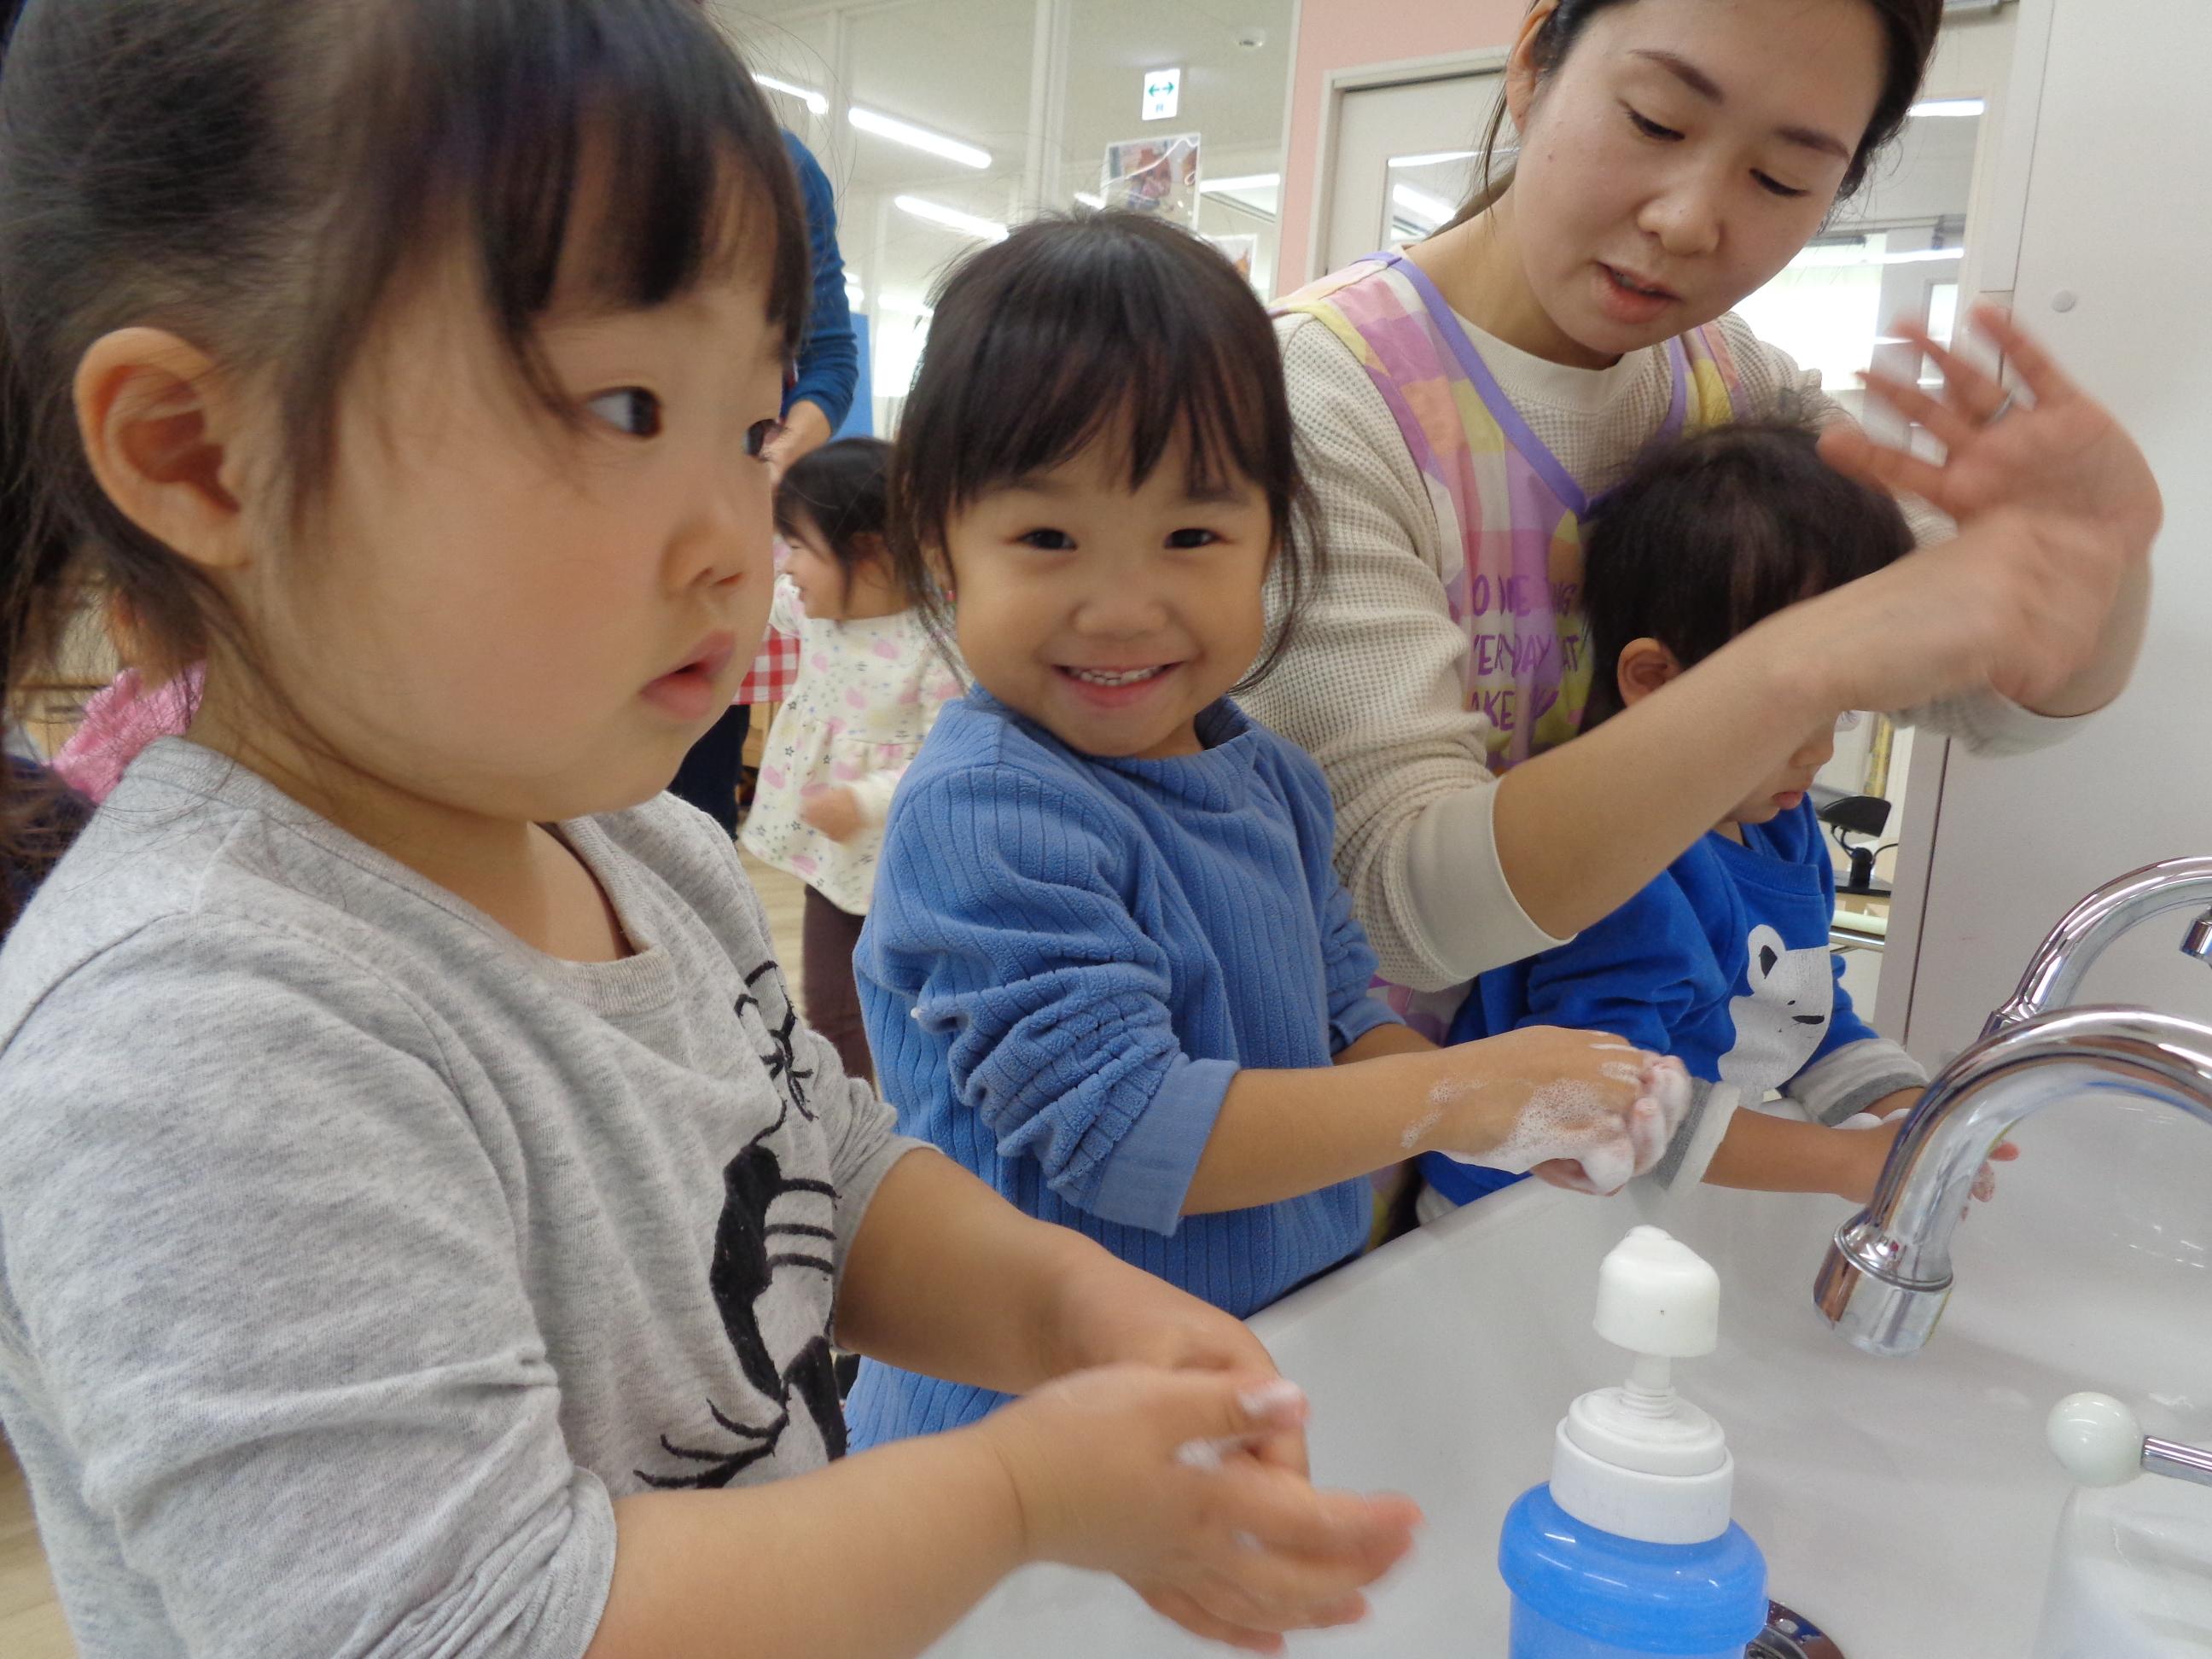 子ども達が健やかに育つ明るく豊かな保育環境